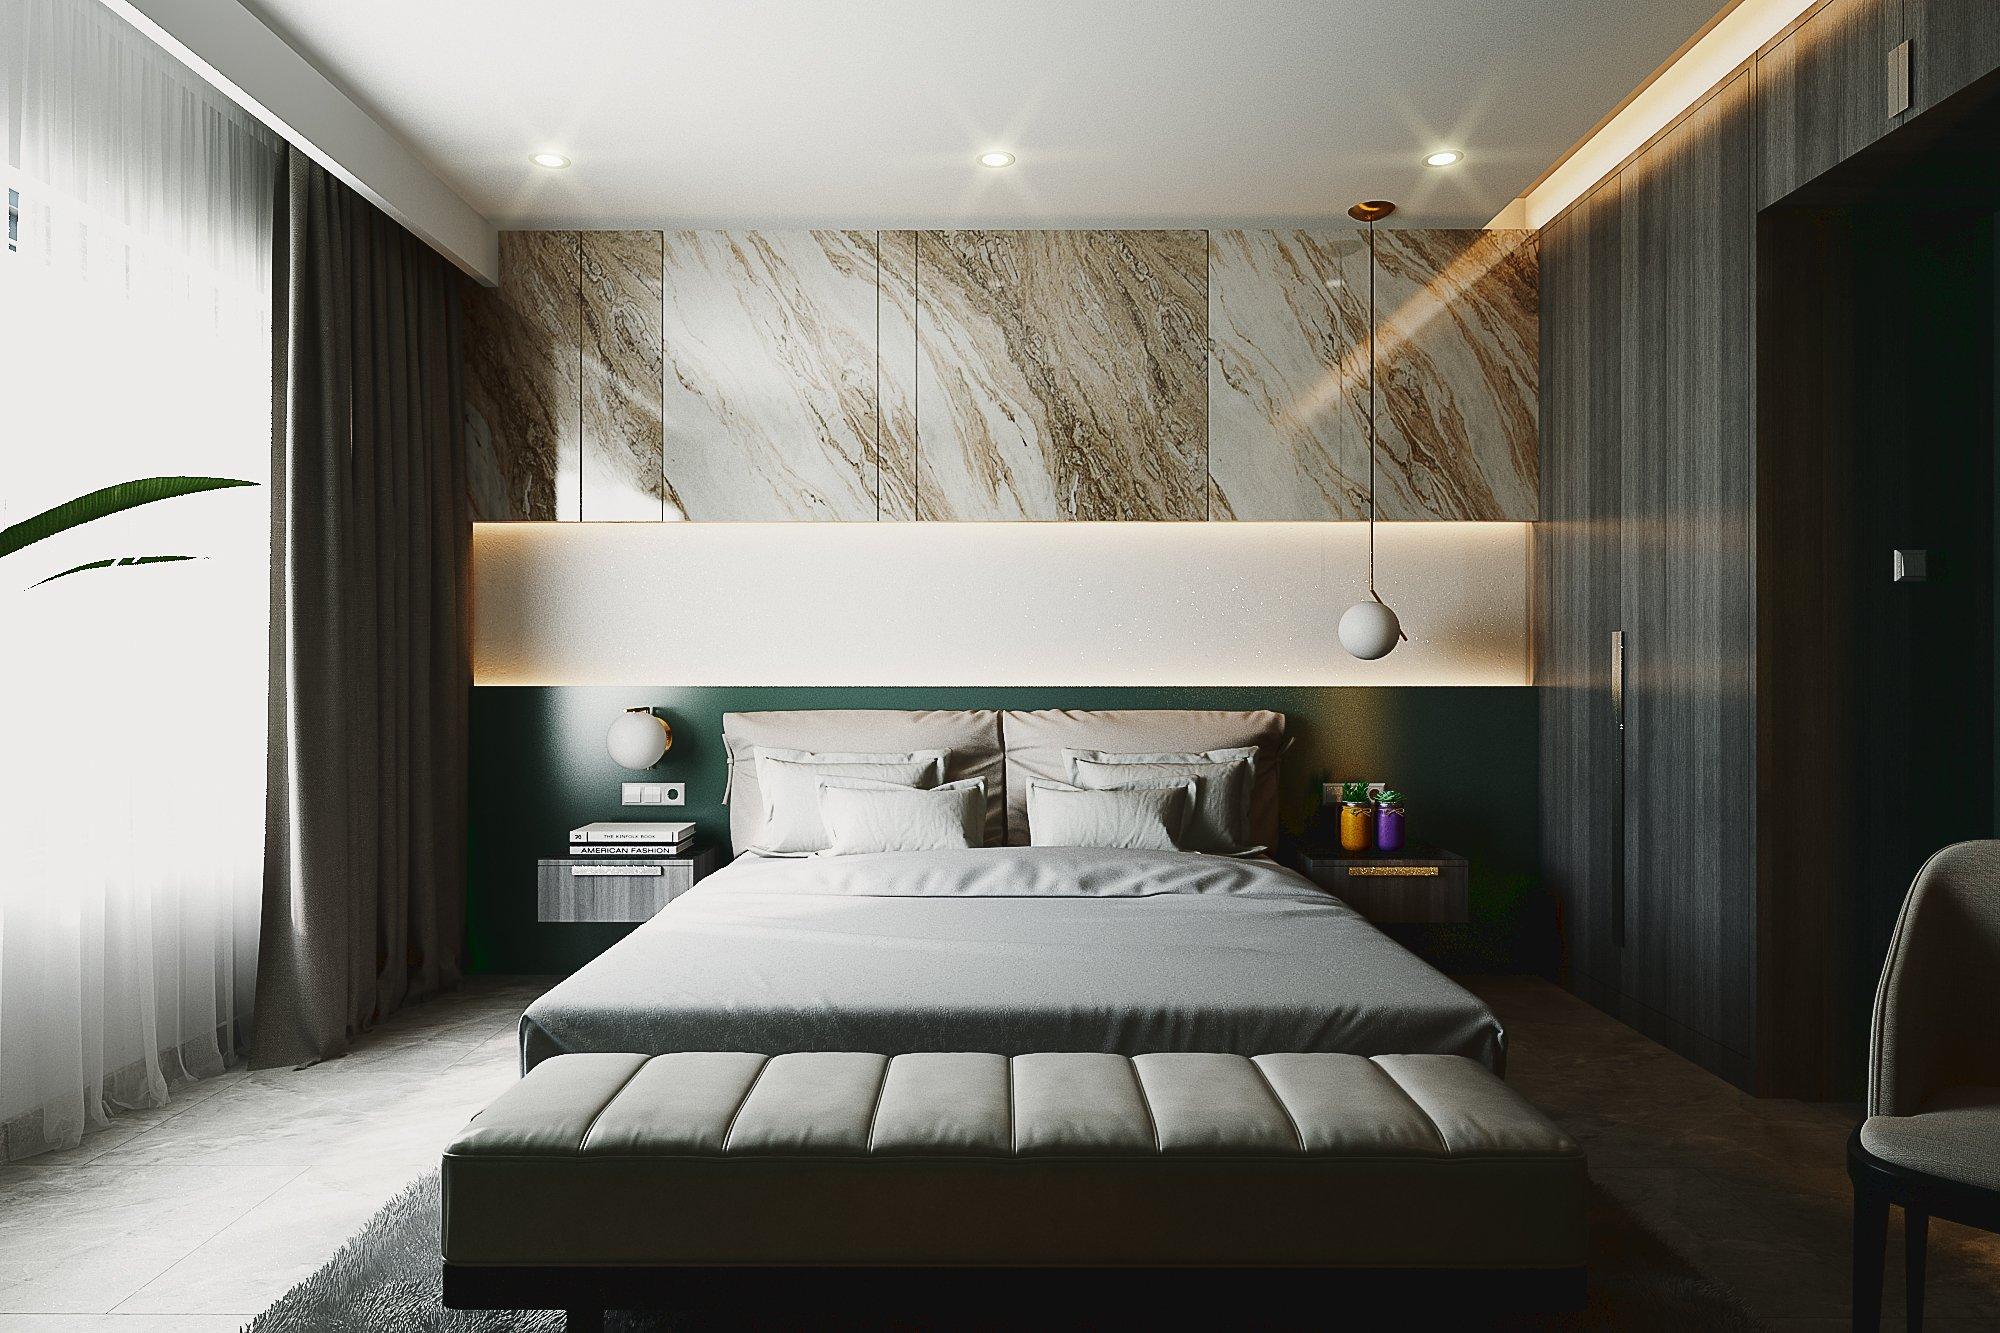 Thiết kế nội thất Nhà Mặt Phố tại Hồ Chí Minh BedRoom - Mr.Huy 1605080087 0